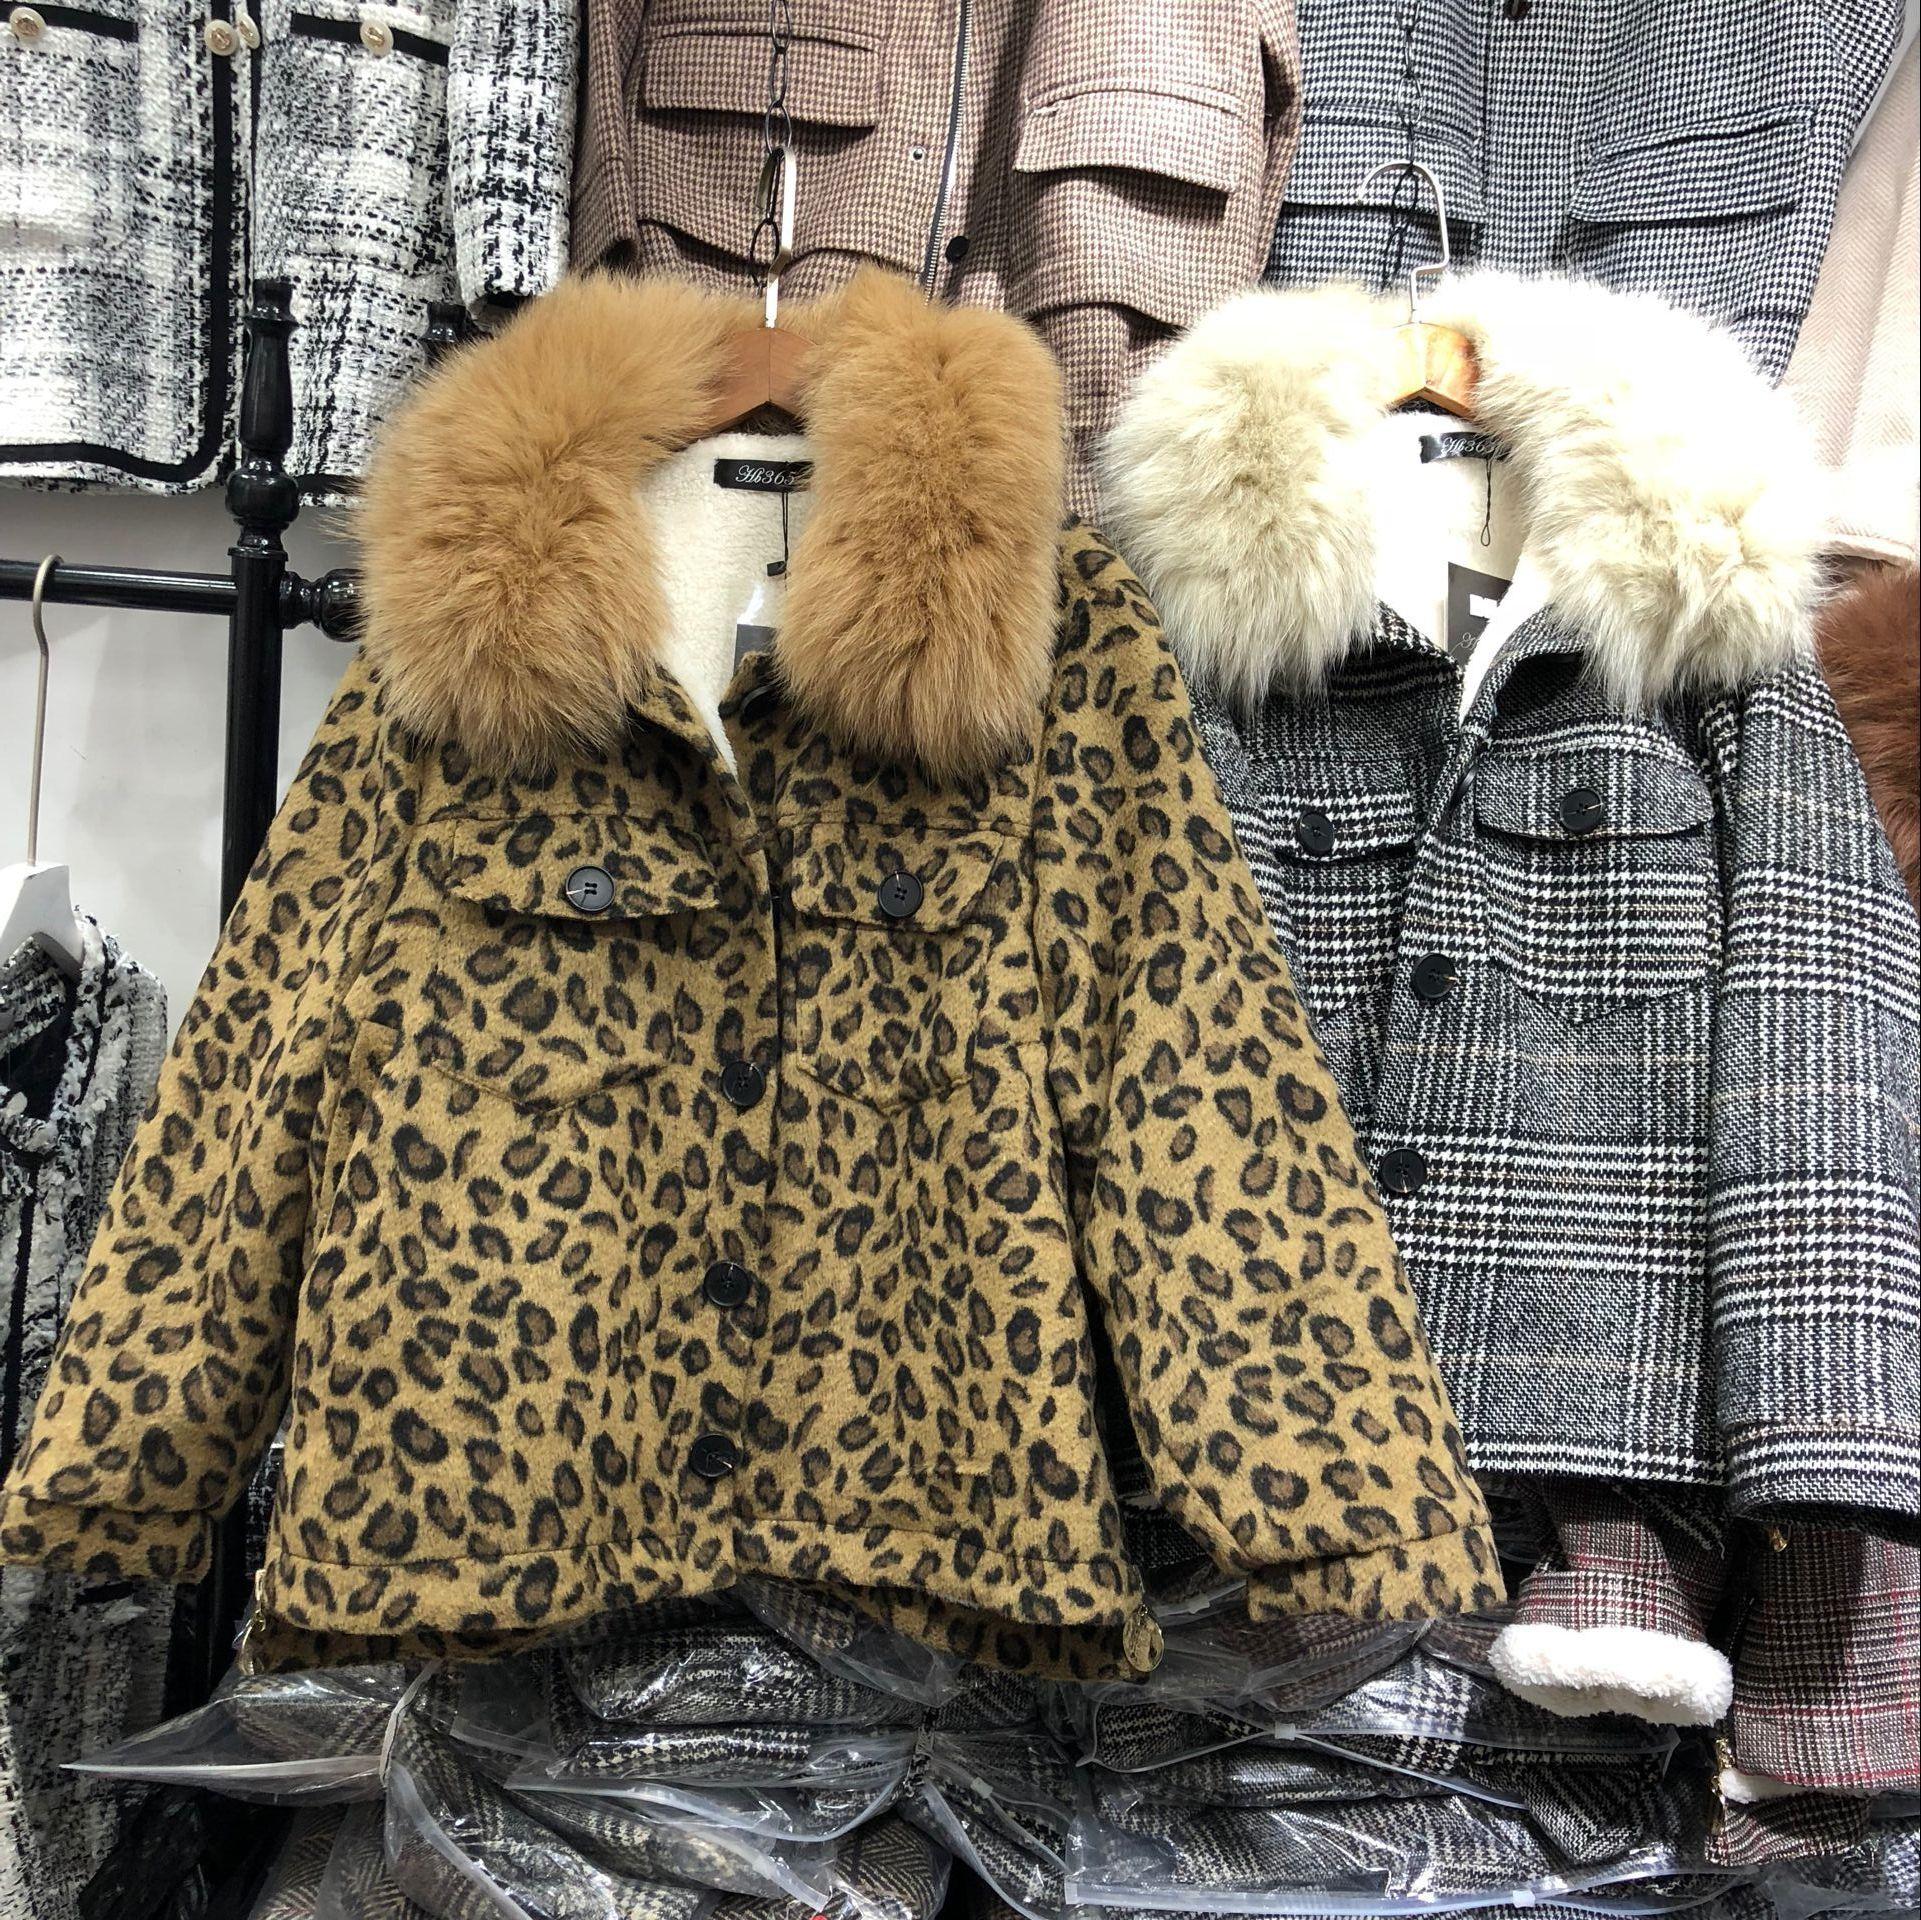 Laine Lâche Épaissie Col Outwear leopard Nouveau Plaid Veste Femme Noir 2018 Hiver Manteau De Fourrure Manteaux Chaud Réel Femmes Fox rouge Automne Court Mode wTx68P4q